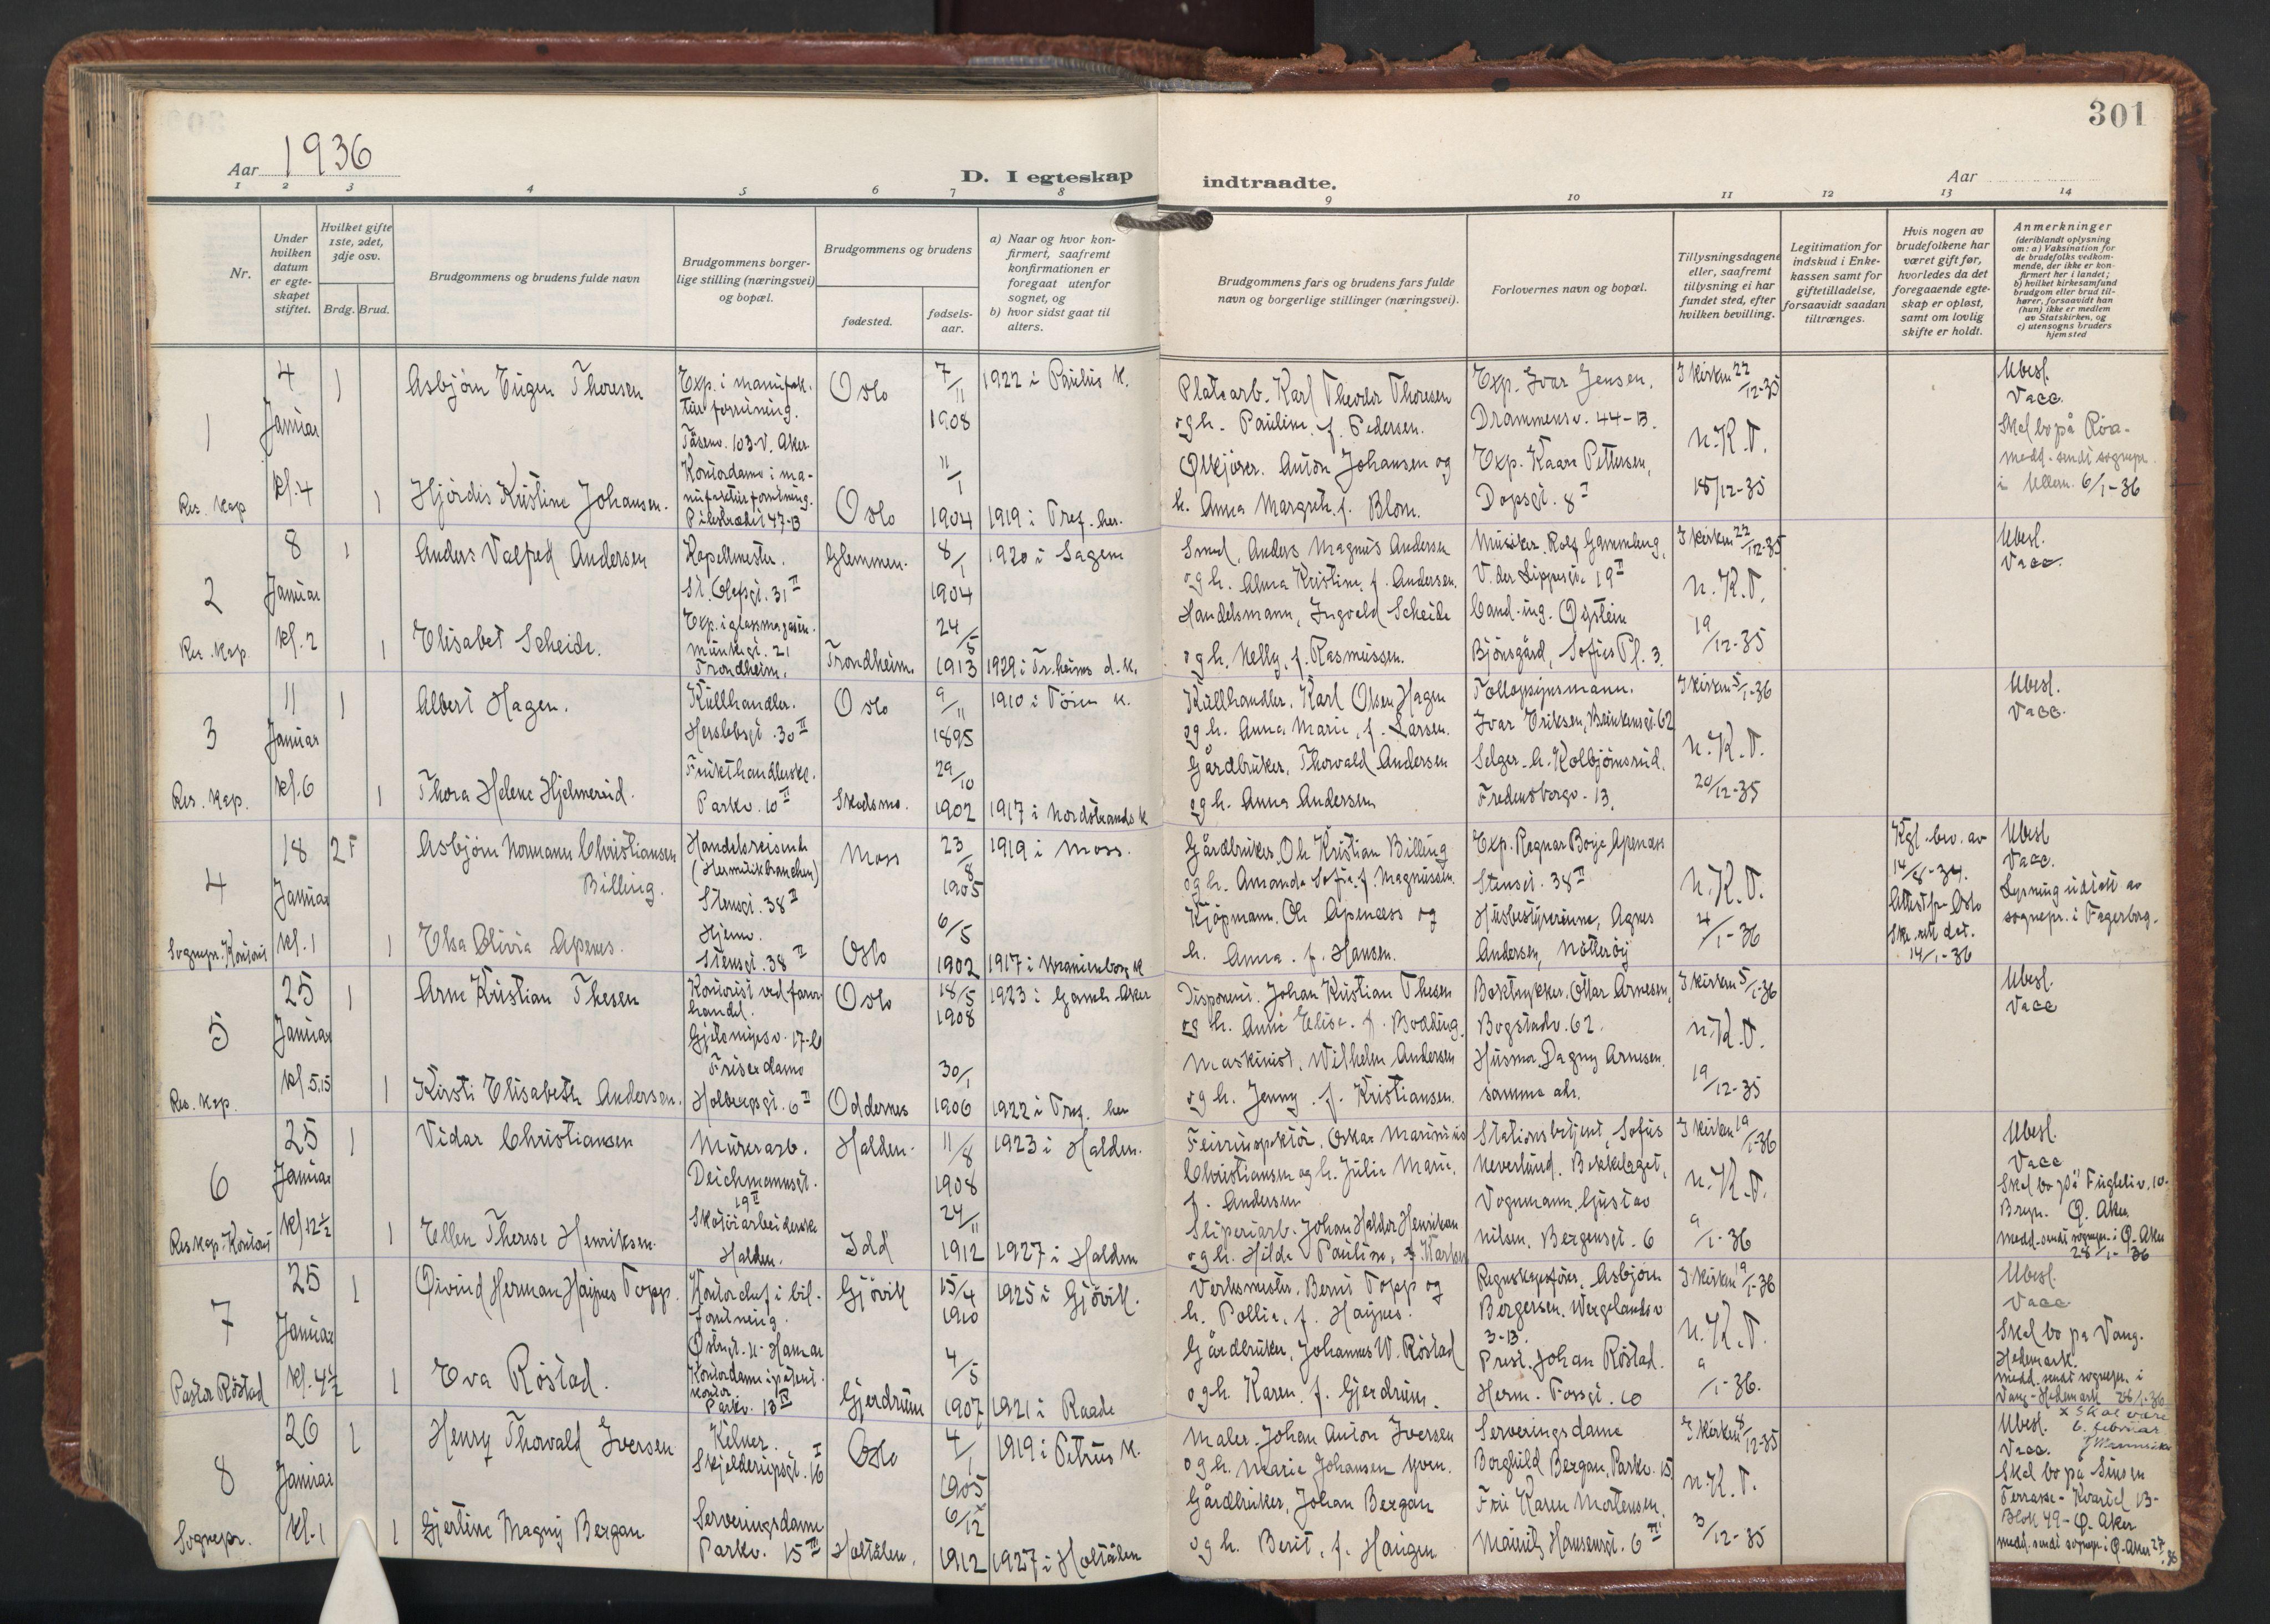 SAO, Trefoldighet prestekontor Kirkebøker, F/Fc/L0009: Ministerialbok nr. III 9, 1922-1936, s. 301